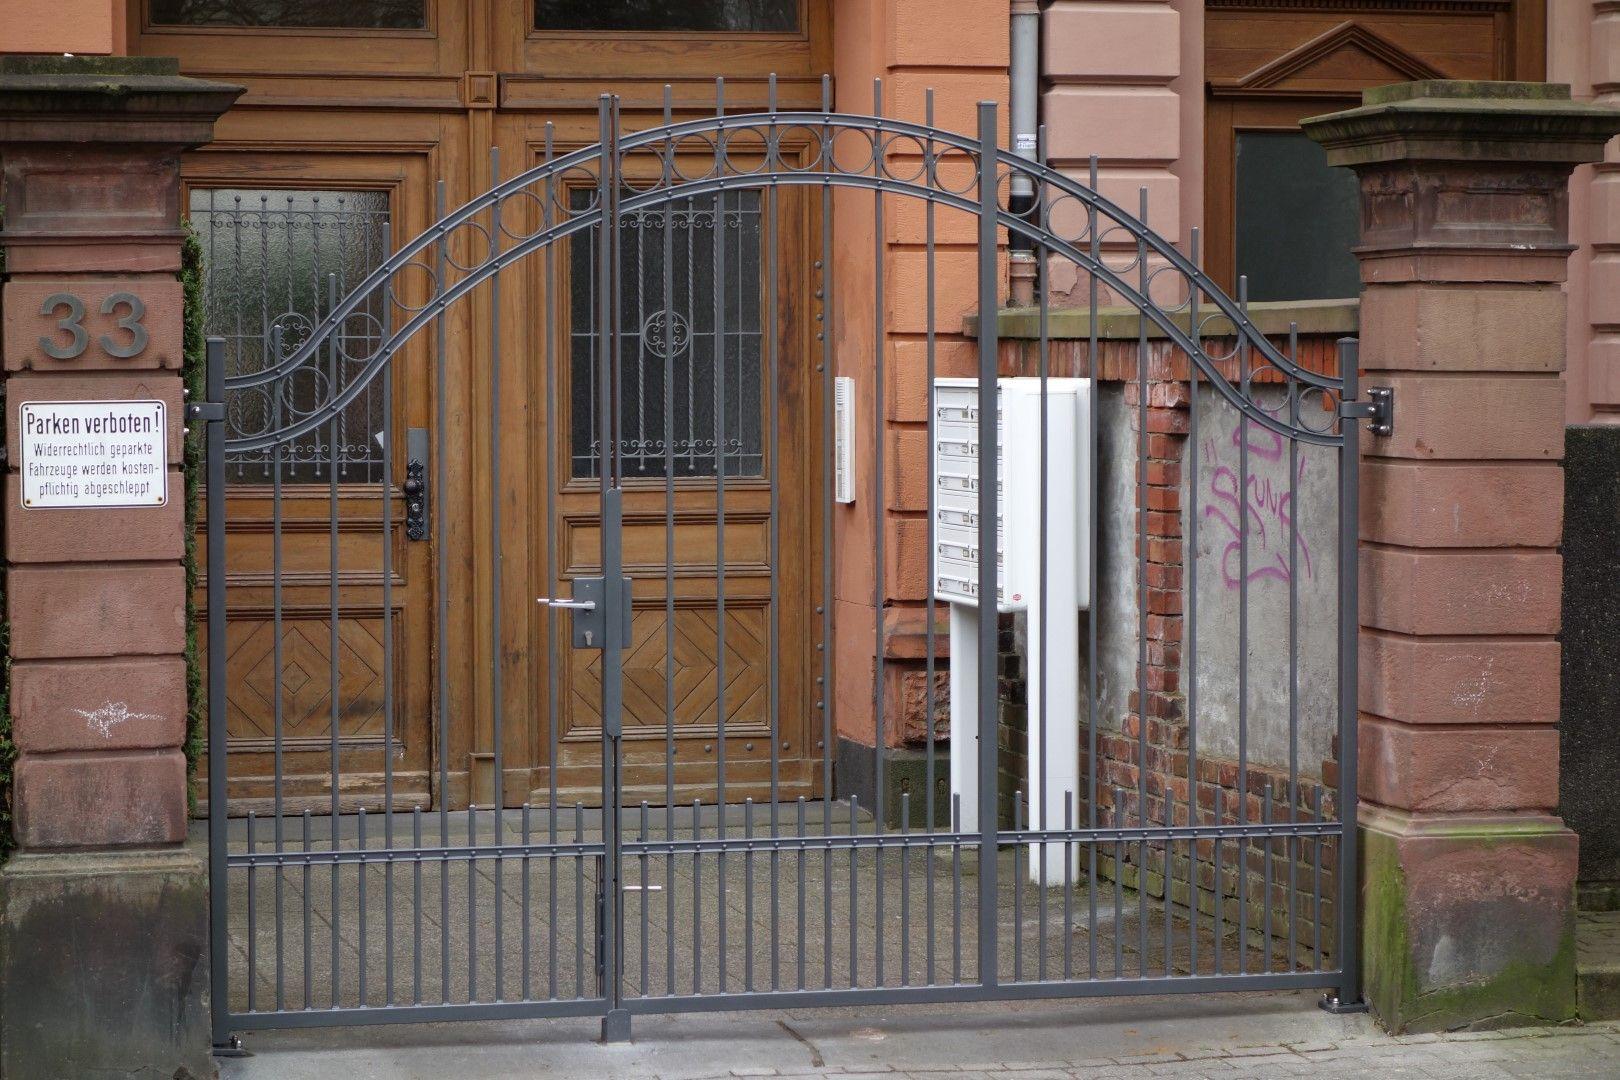 Einfach gehaltenes Tor aus Metall in Frankfurt